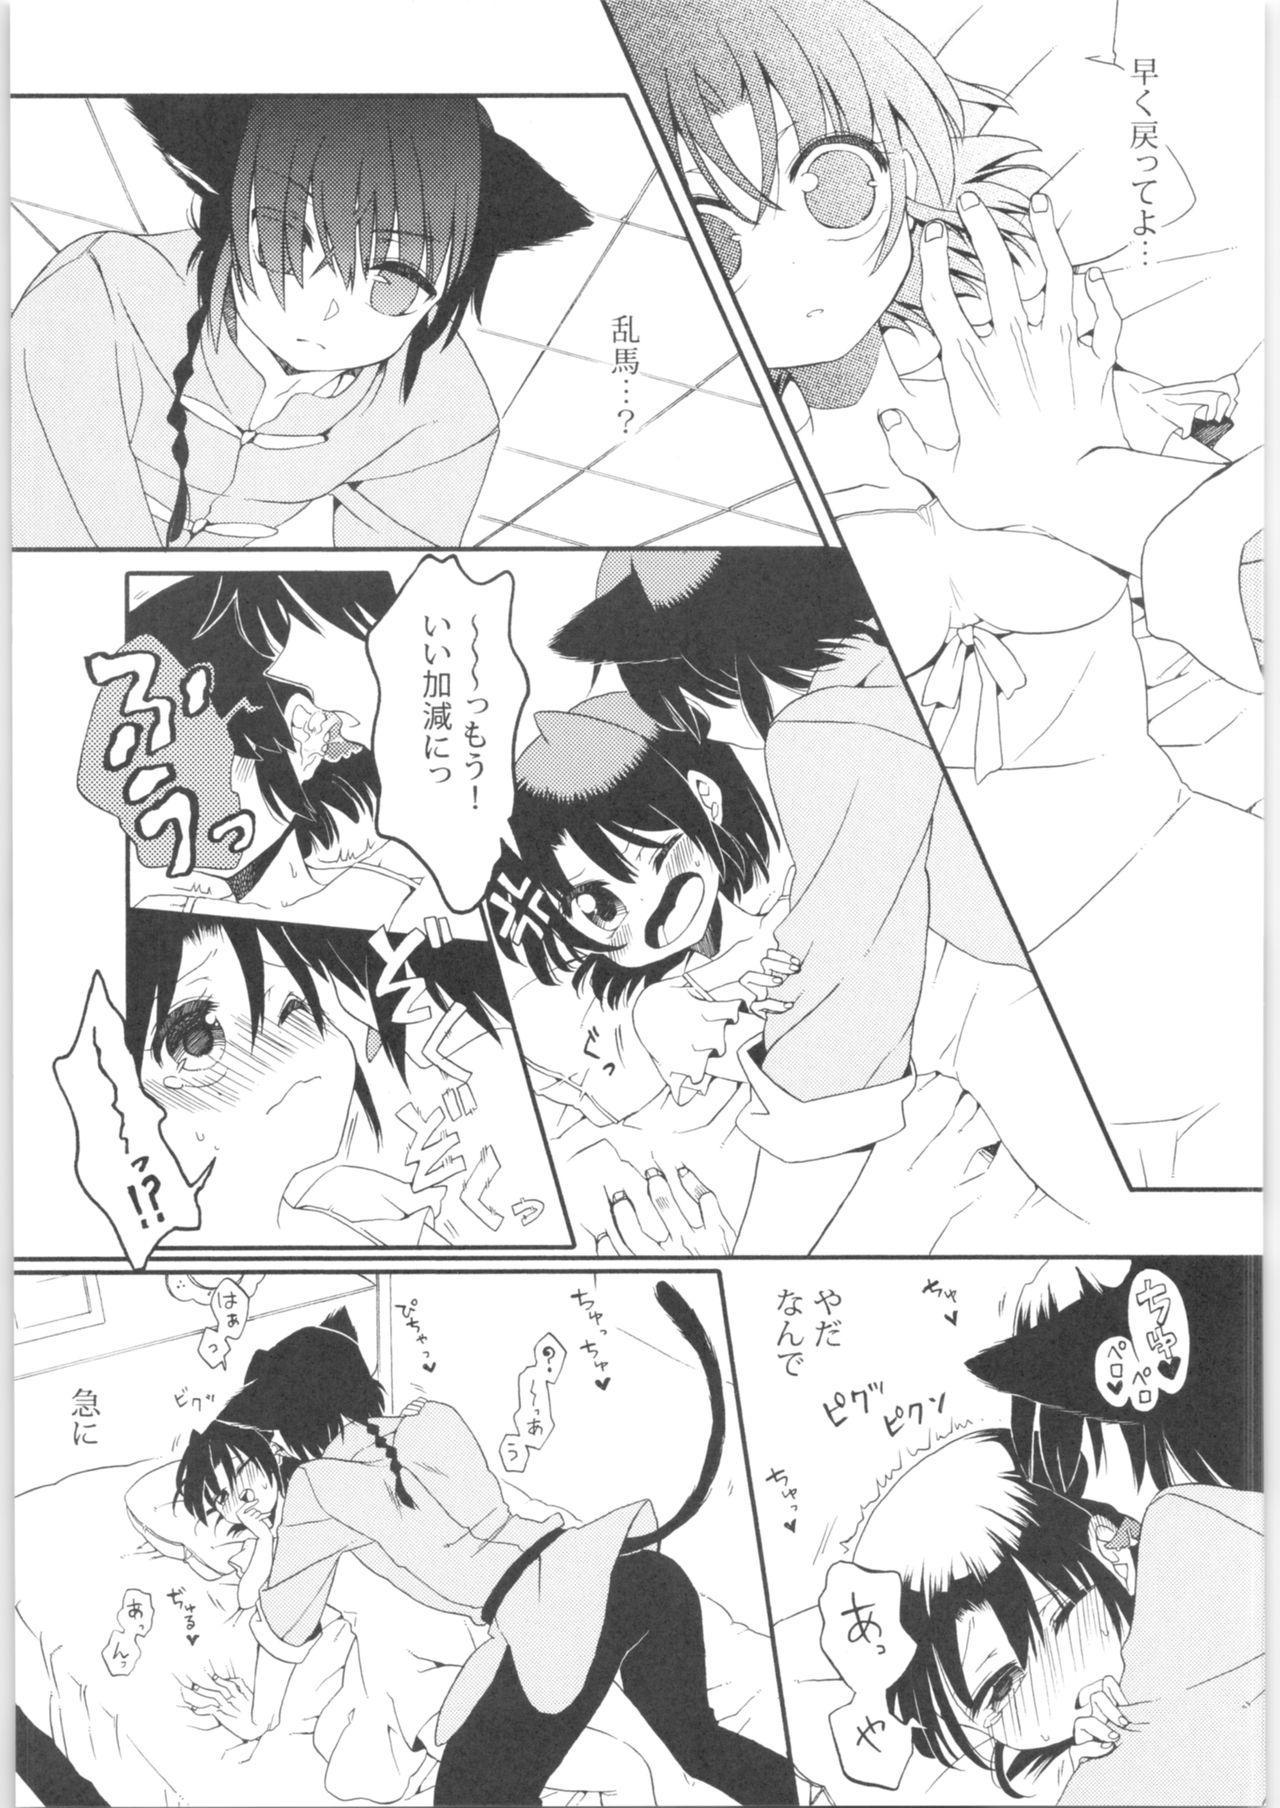 Iinazuke ga Neko ni Narimashite. 43